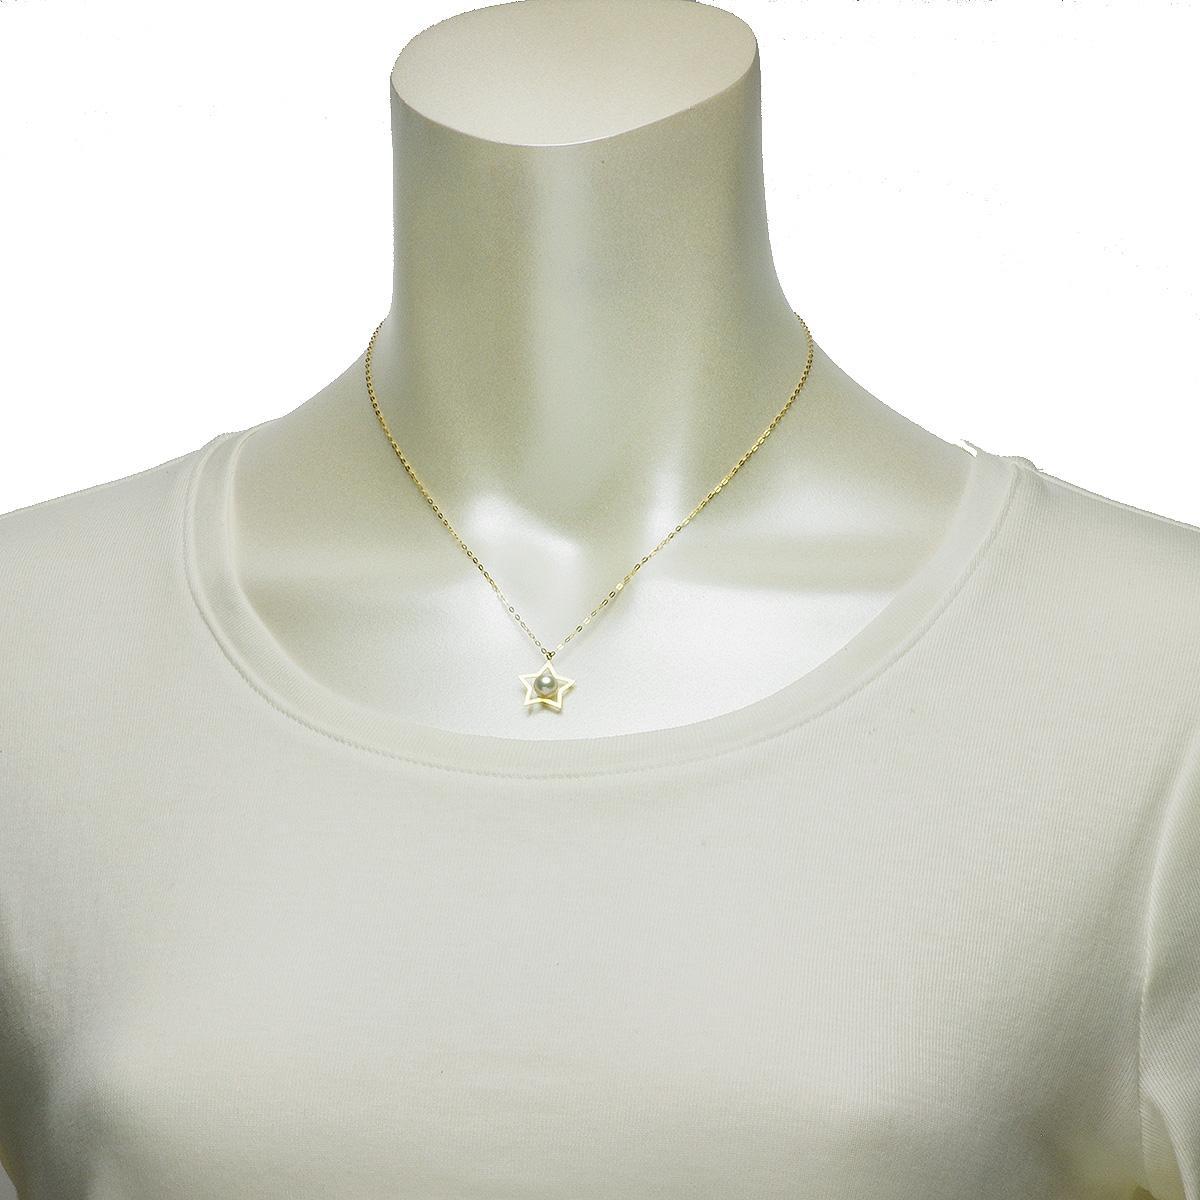 淡水 真珠 パール 一粒 ペンダント 5.0mm 18金 K18 スター モチーフ 星型 ギフト プレゼントの写真